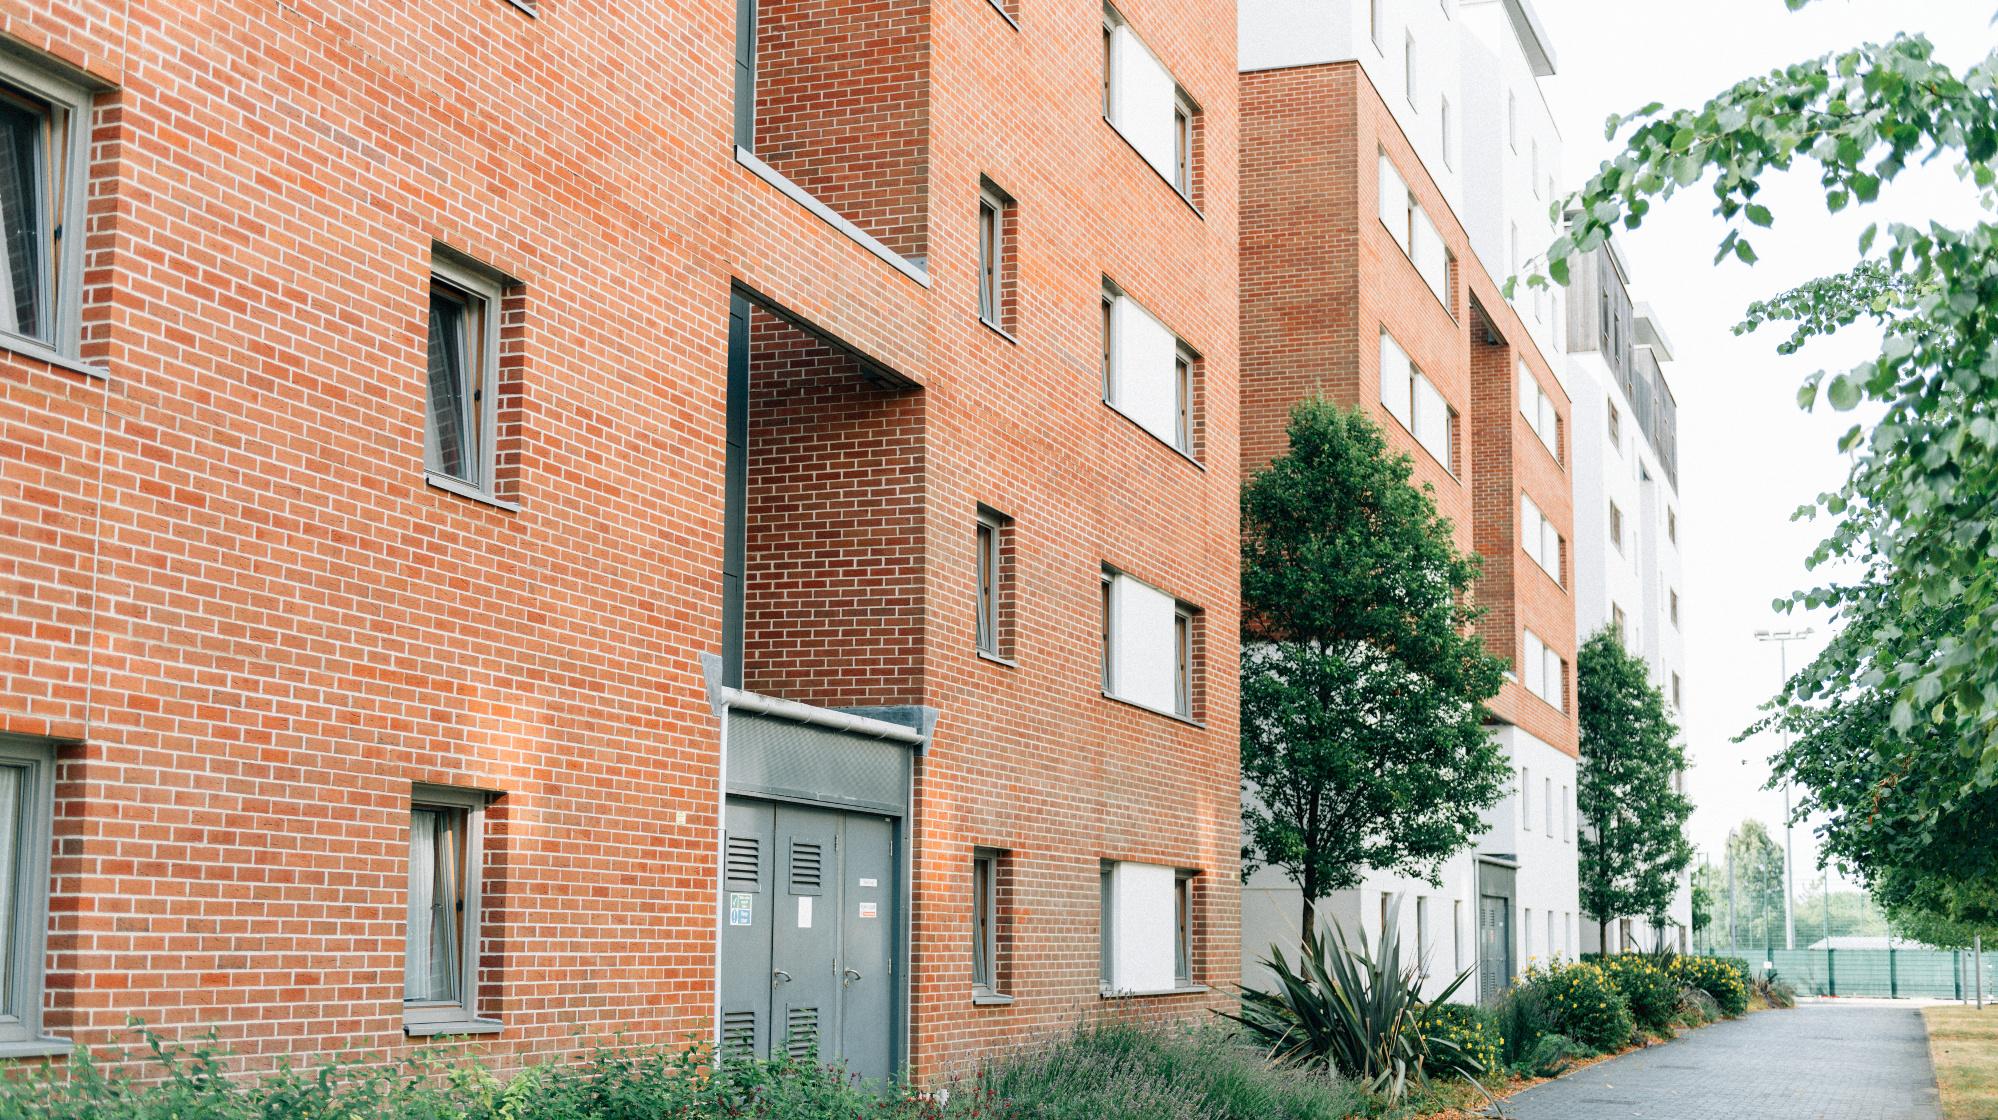 Ristrutturare un condominio oggi conviene più che mai